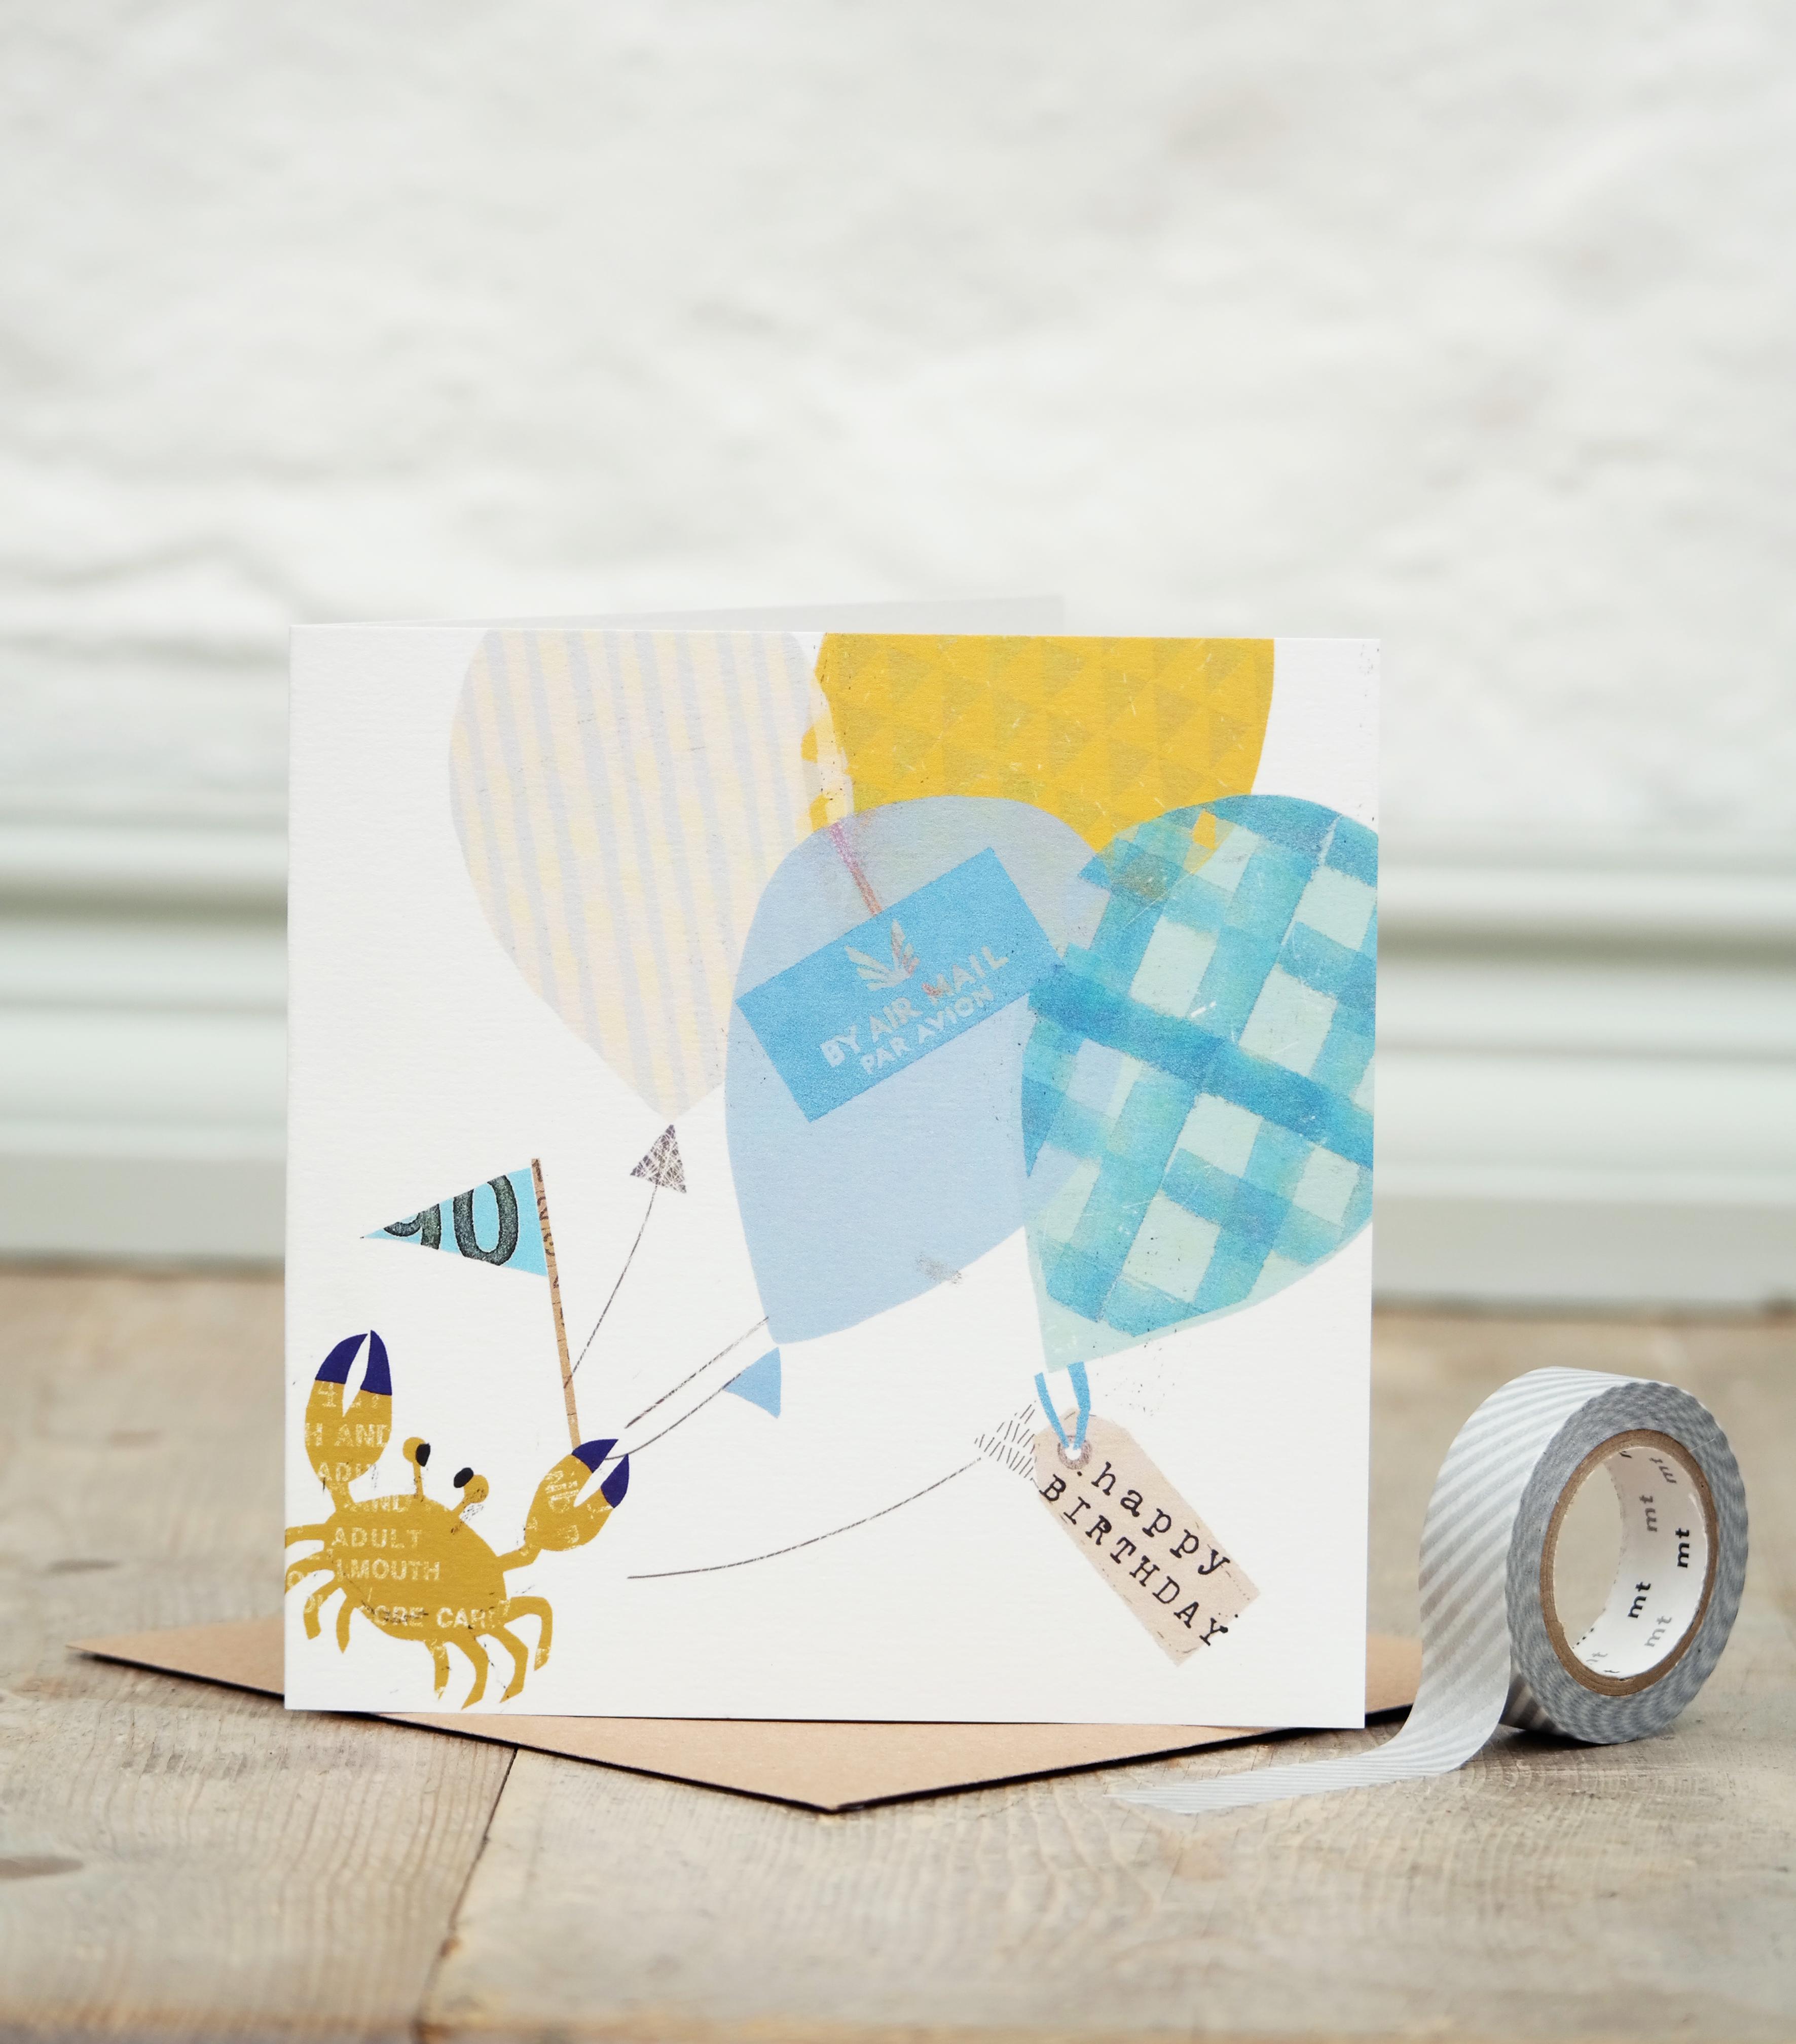 Anna victoria arthur greetings card anna victoria arthur greetings card kristyandbryce Image collections